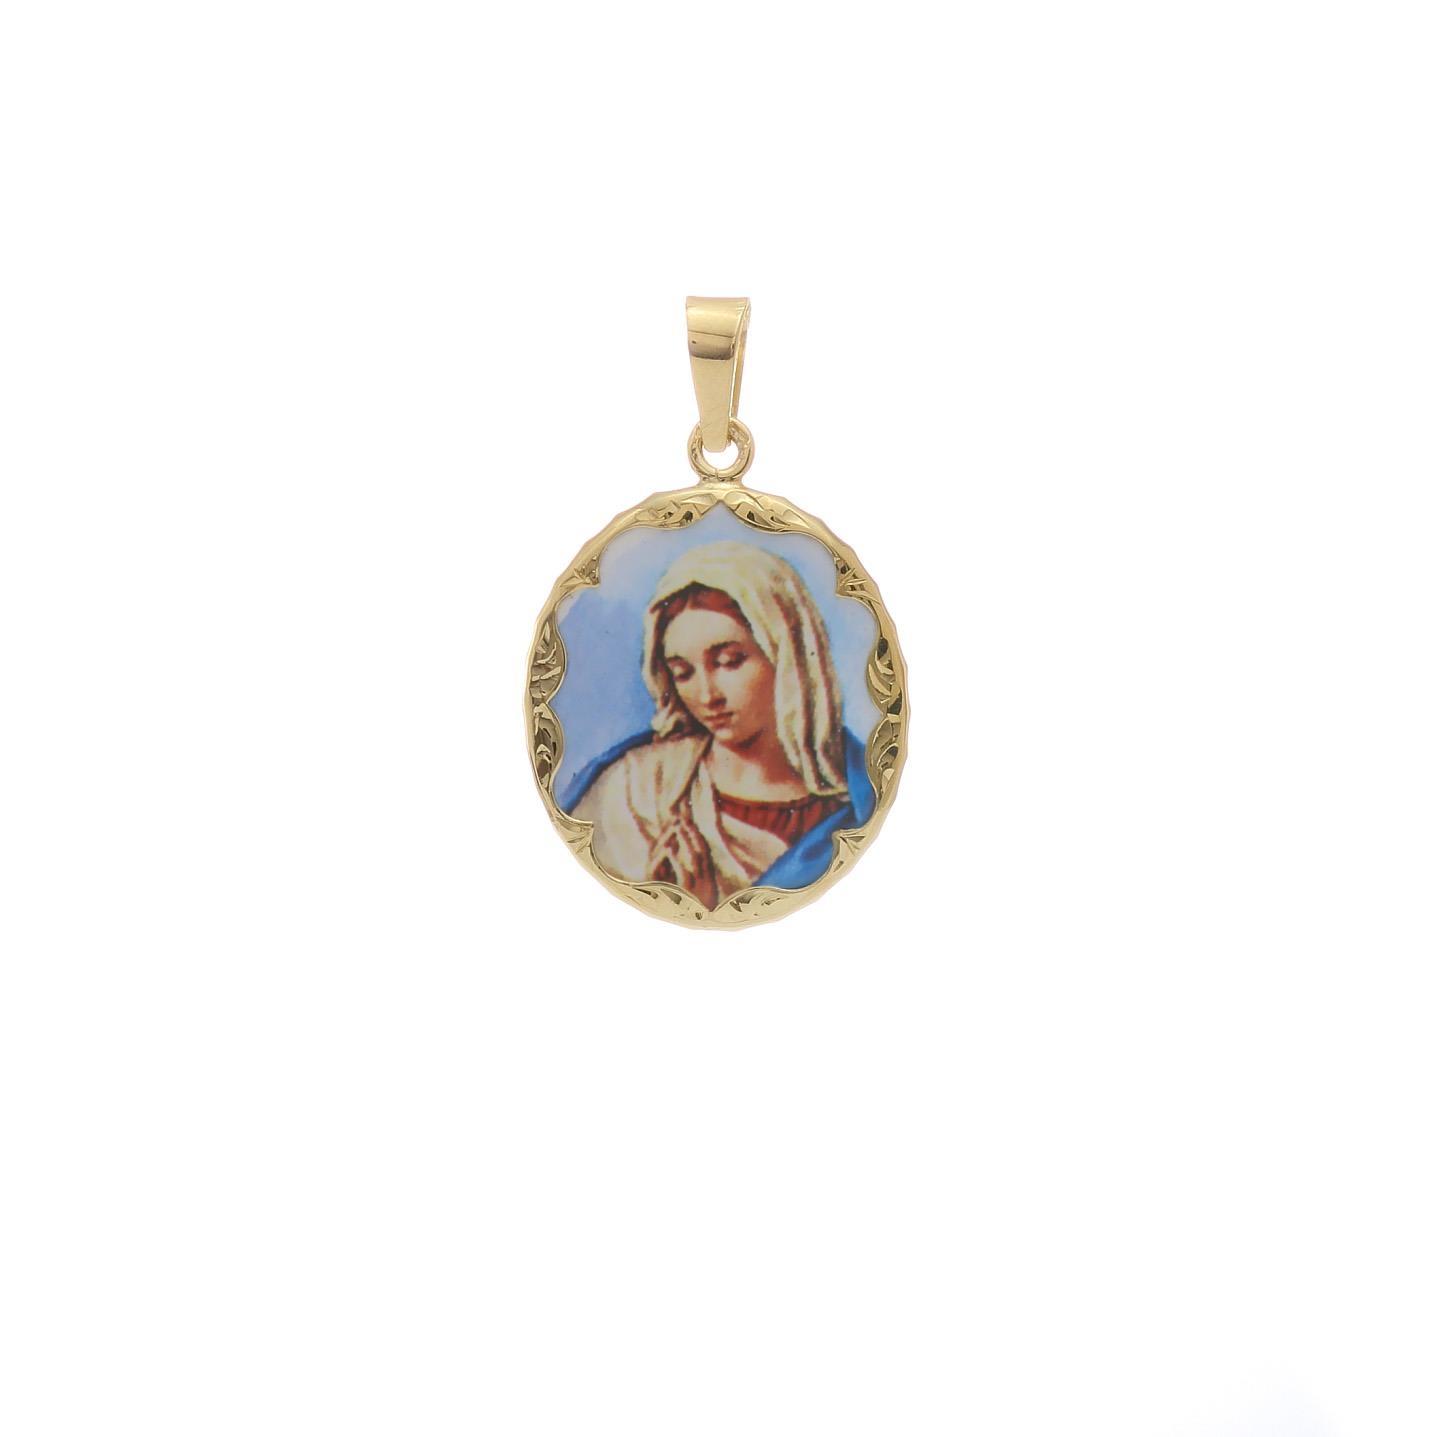 Božia Matka Mária 2VS00183